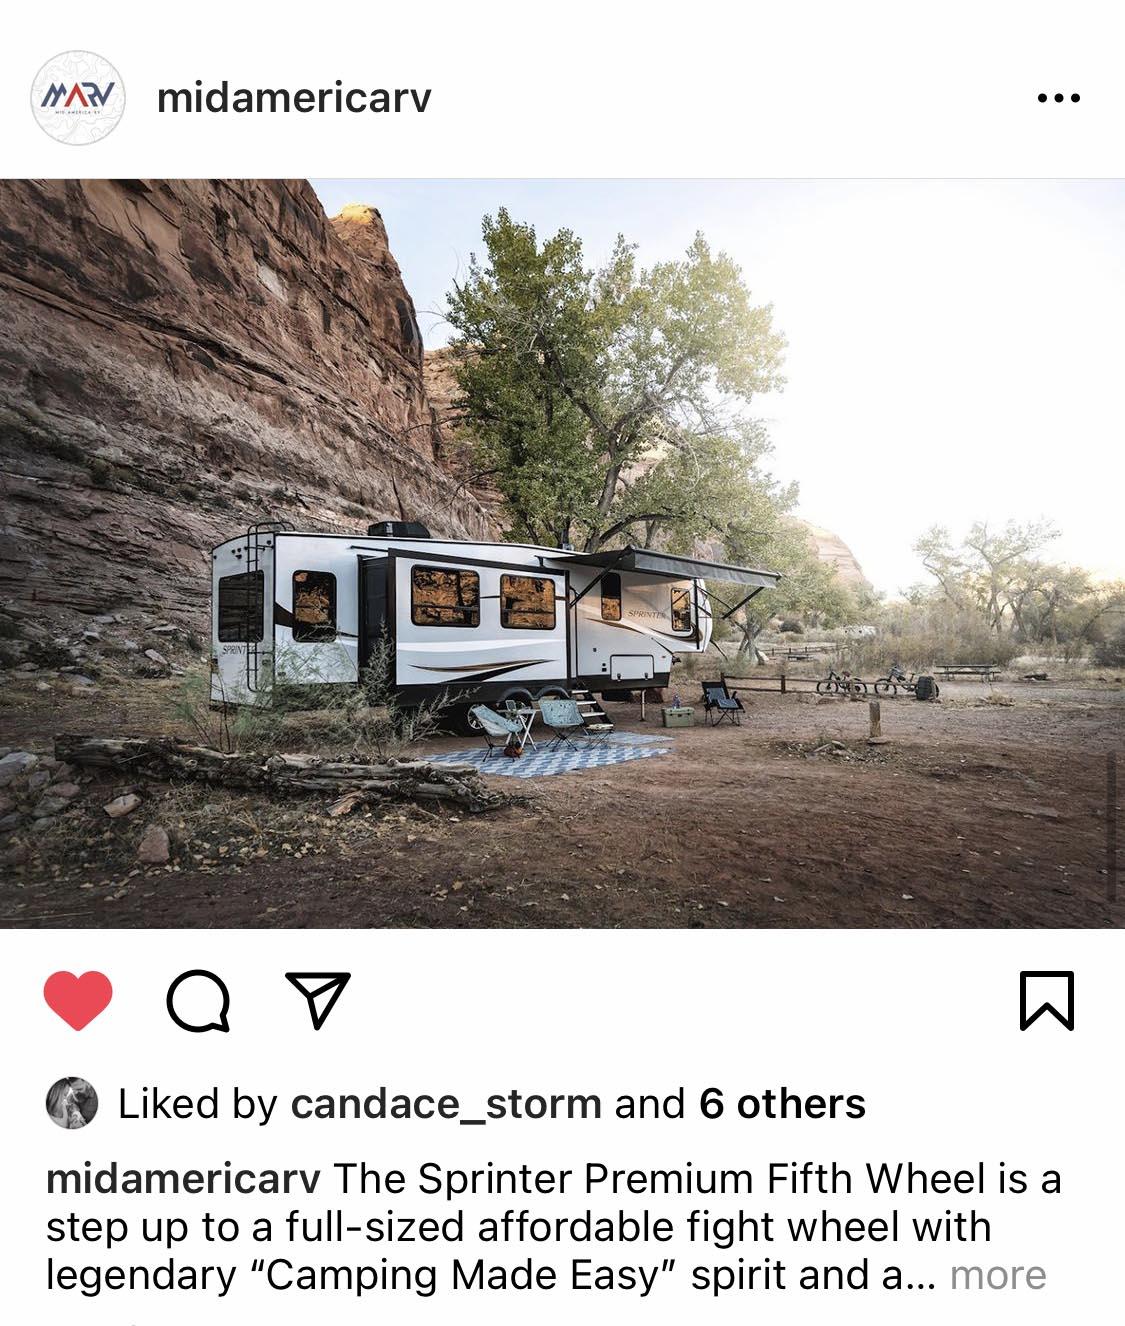 Mid America RV Instagram Post Social Media Management